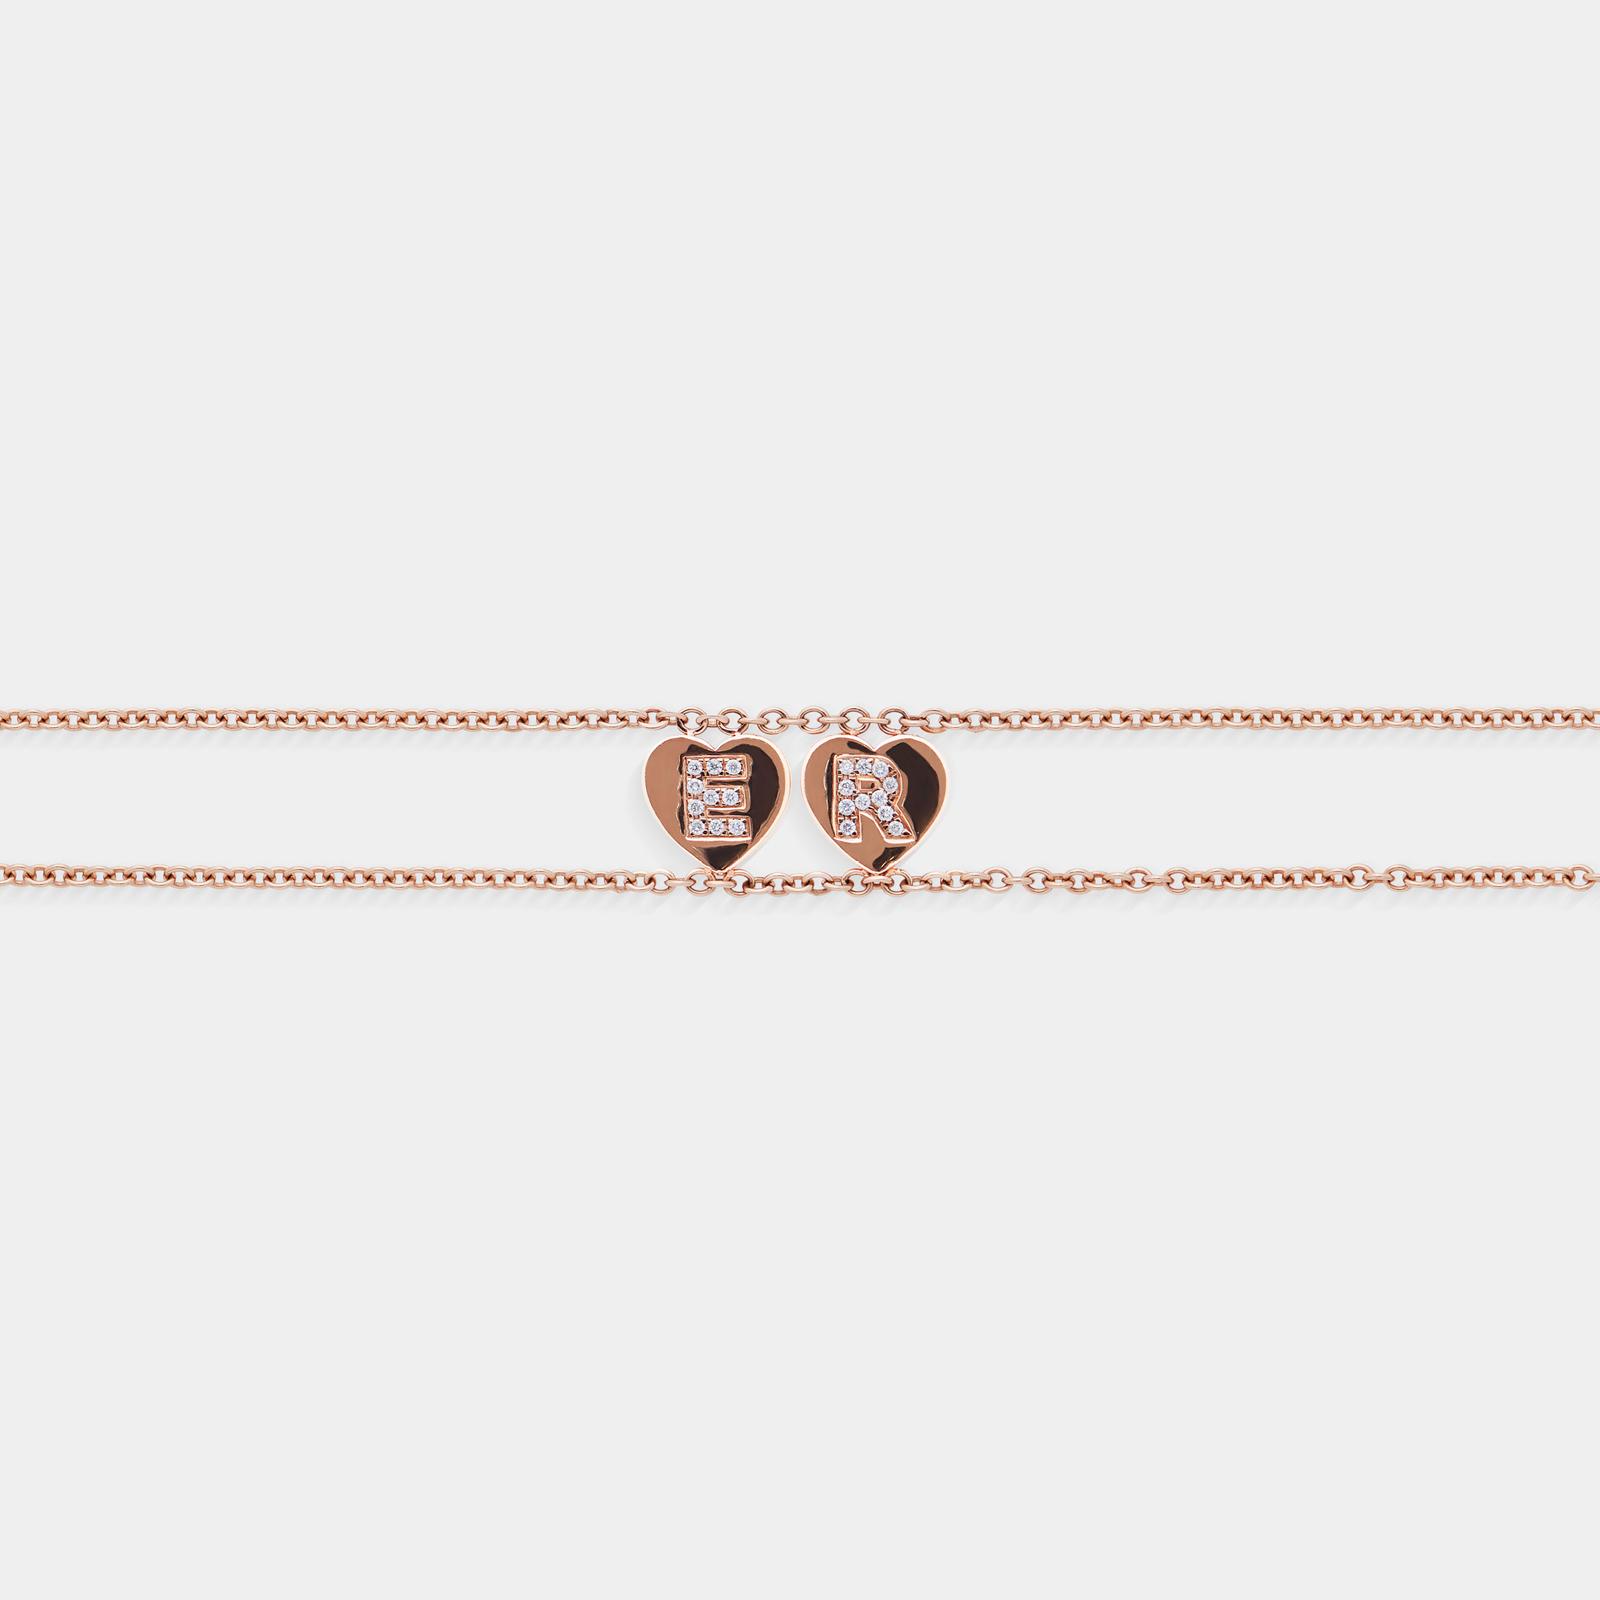 Bracciale morbido con doppia catena personalizzato in oro rosa con cuori - Rosanna Cattolico gioielli